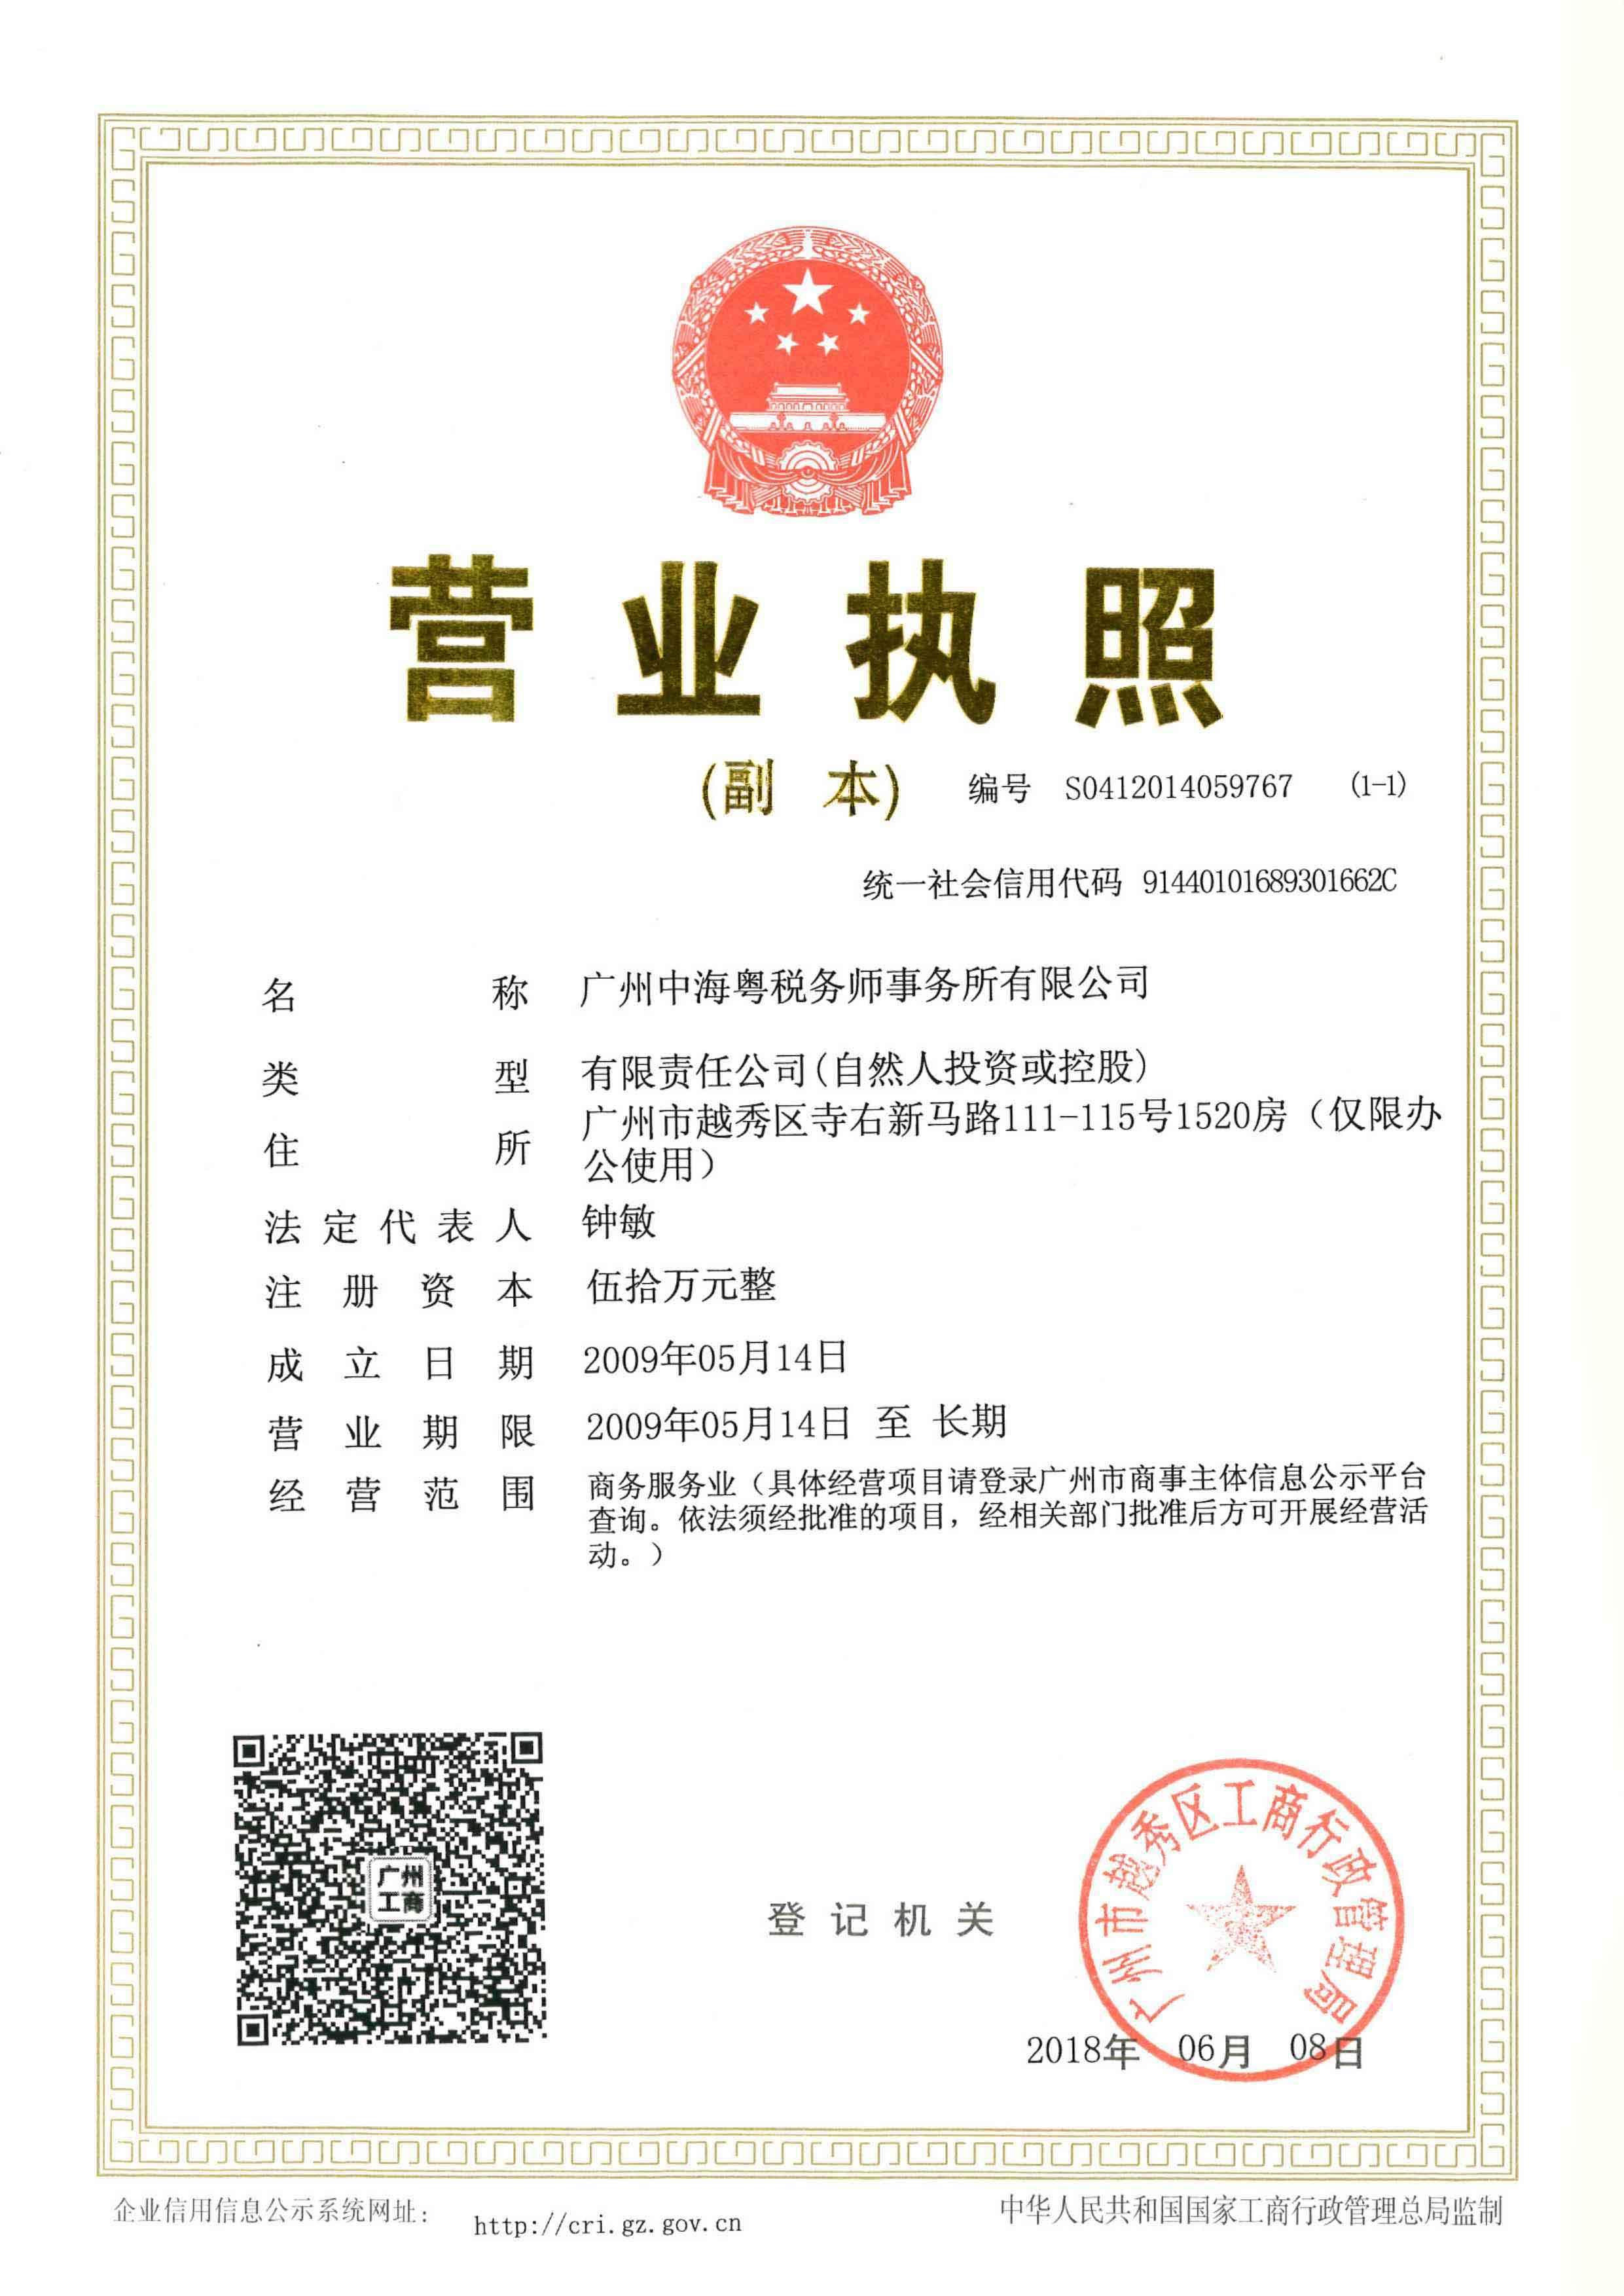 中海粤税务所营业执照